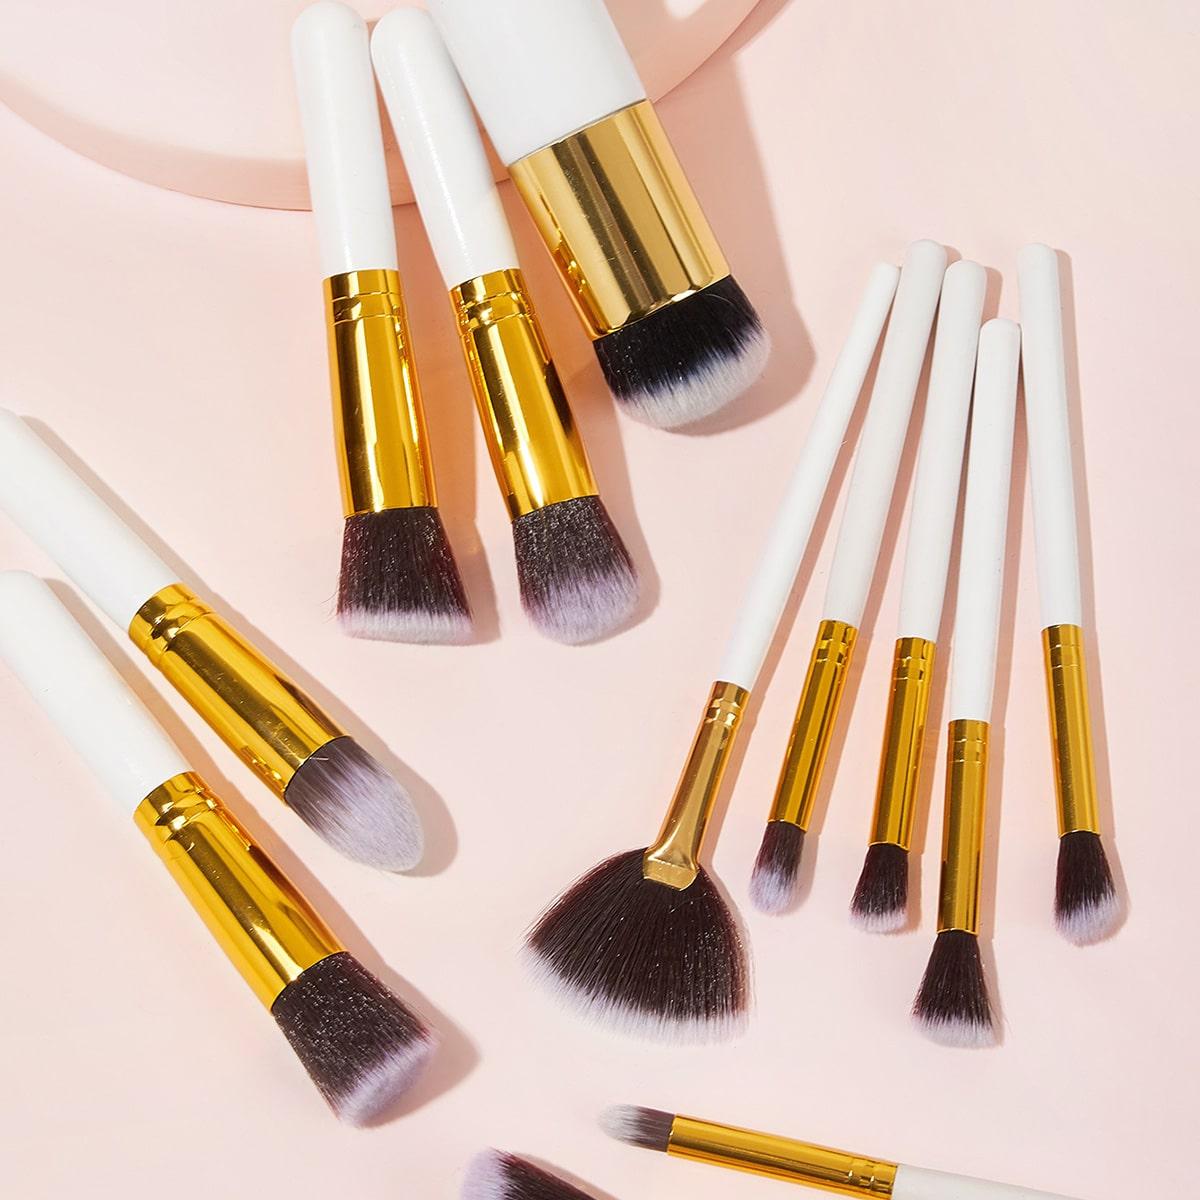 12шт веерообразные кисти для макияжа